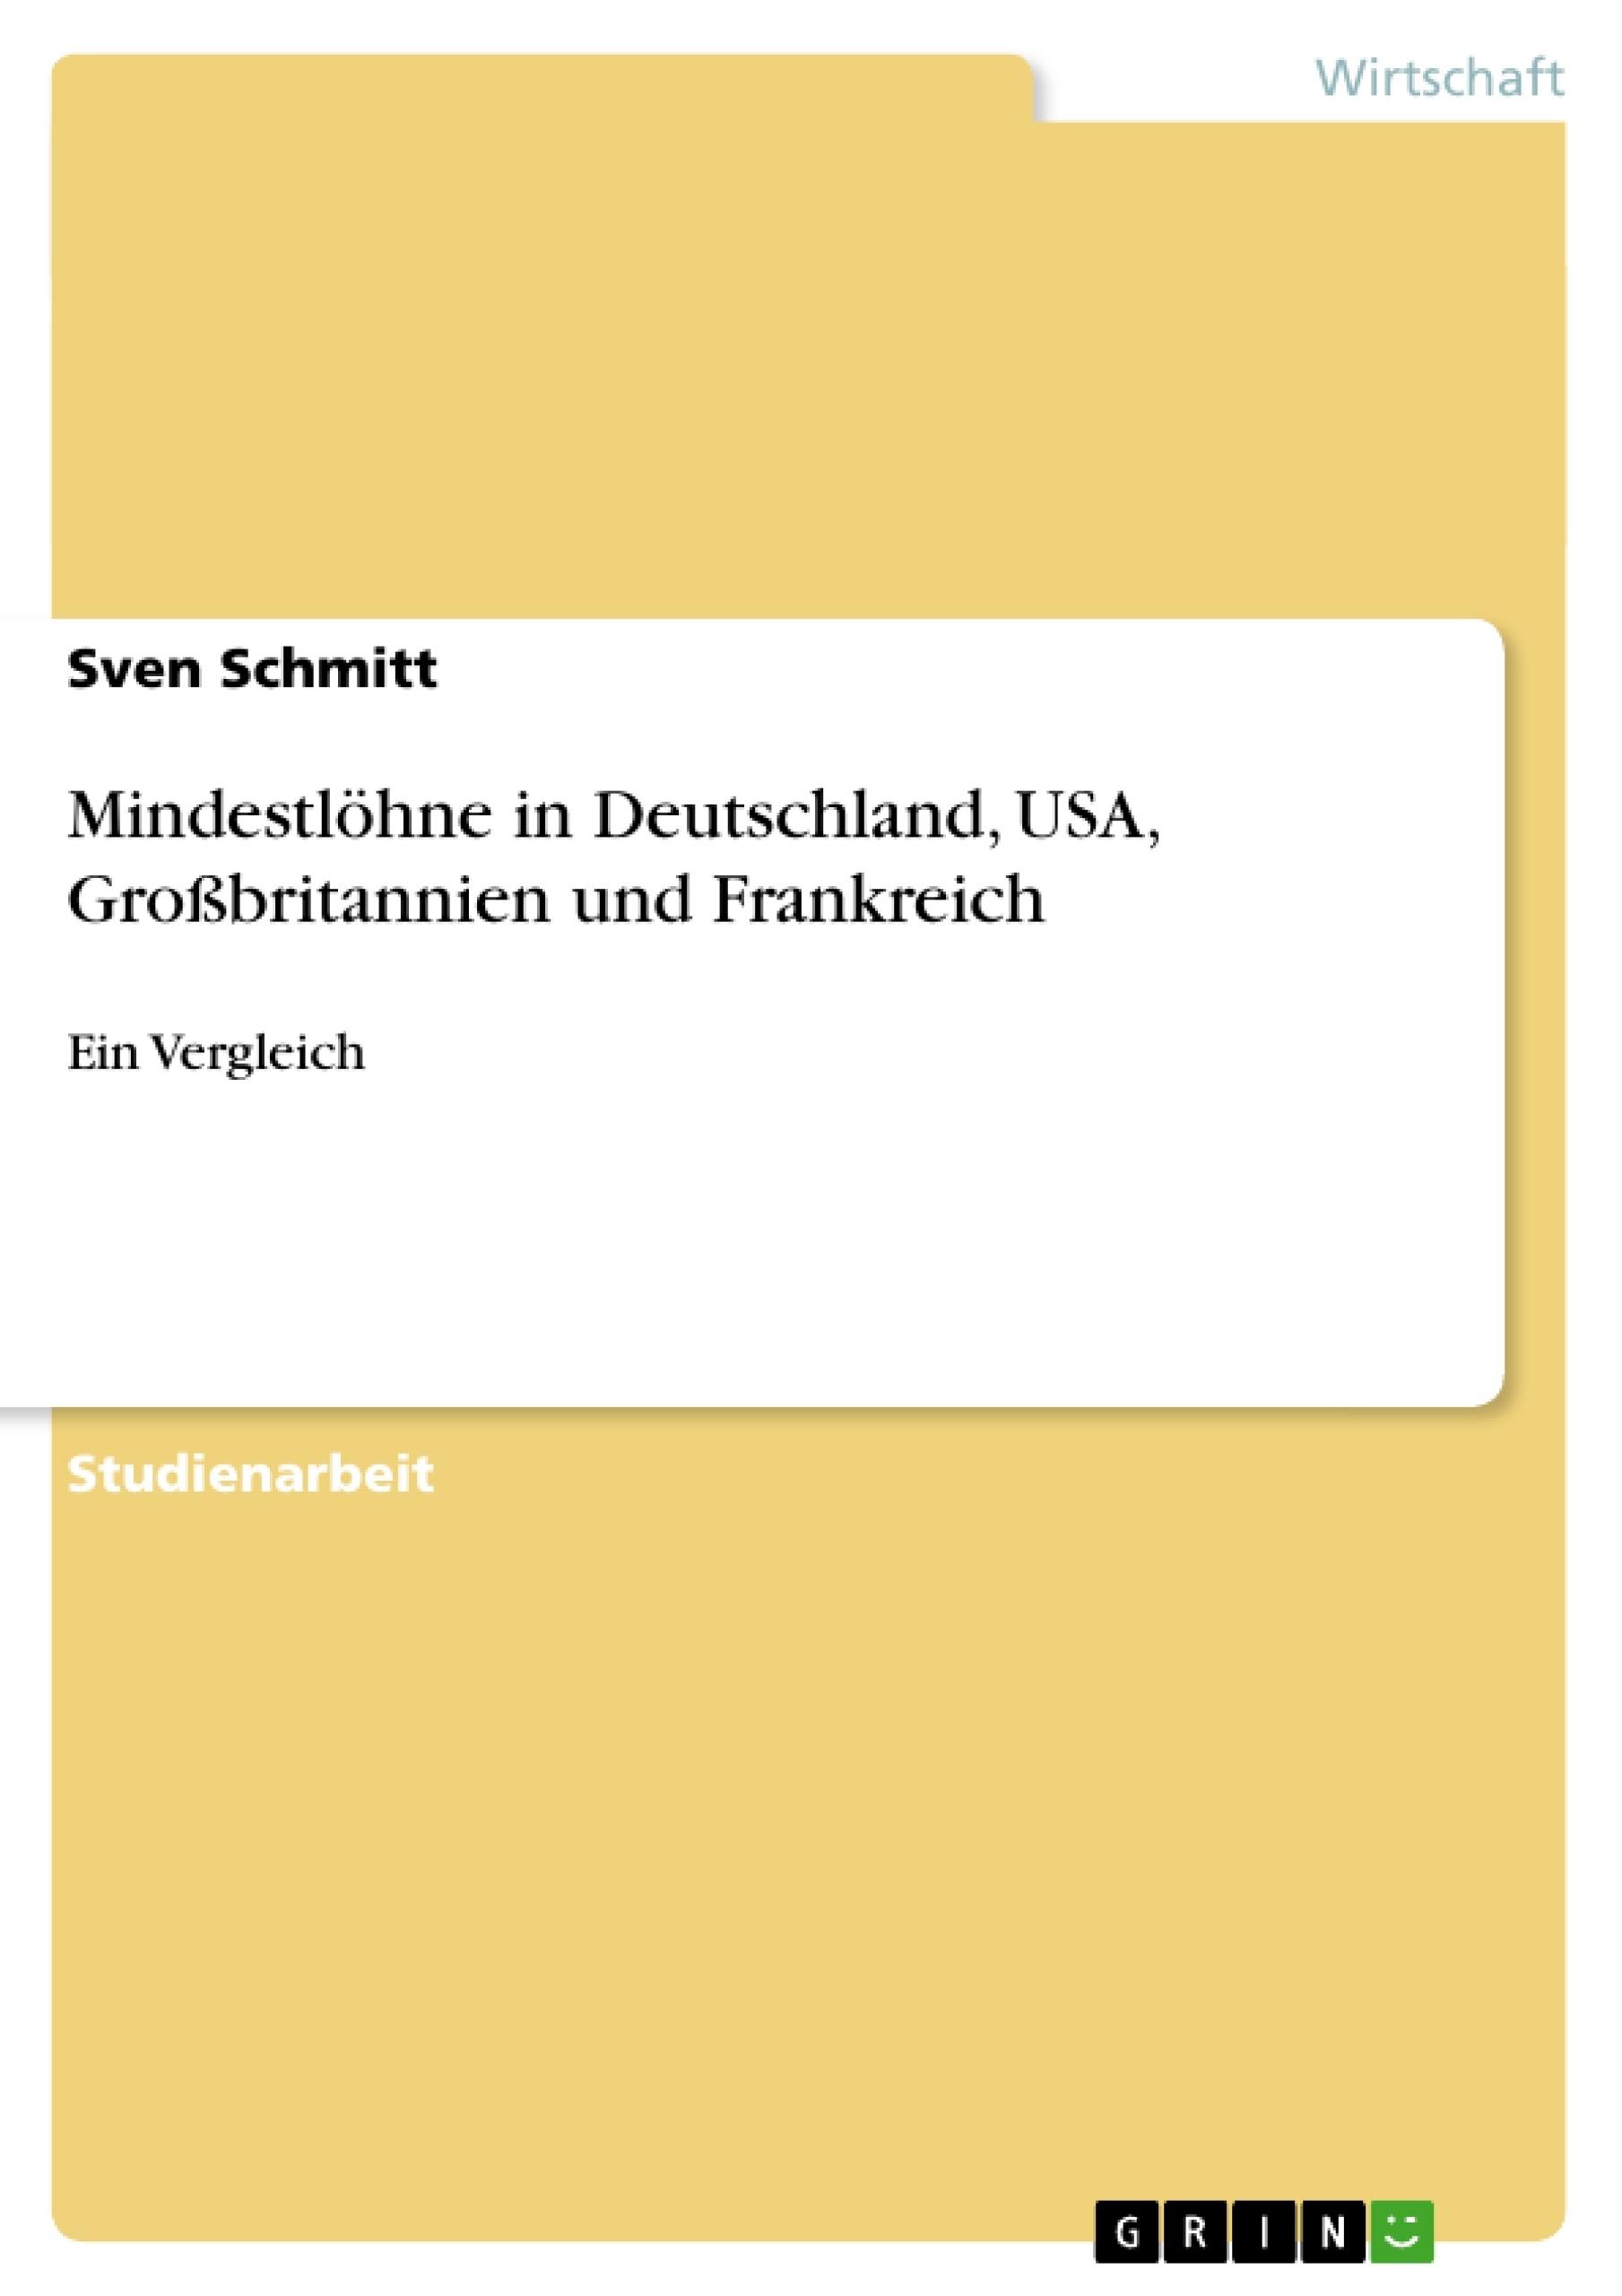 Titel: Mindestlöhne in Deutschland, USA, Großbritannien und Frankreich